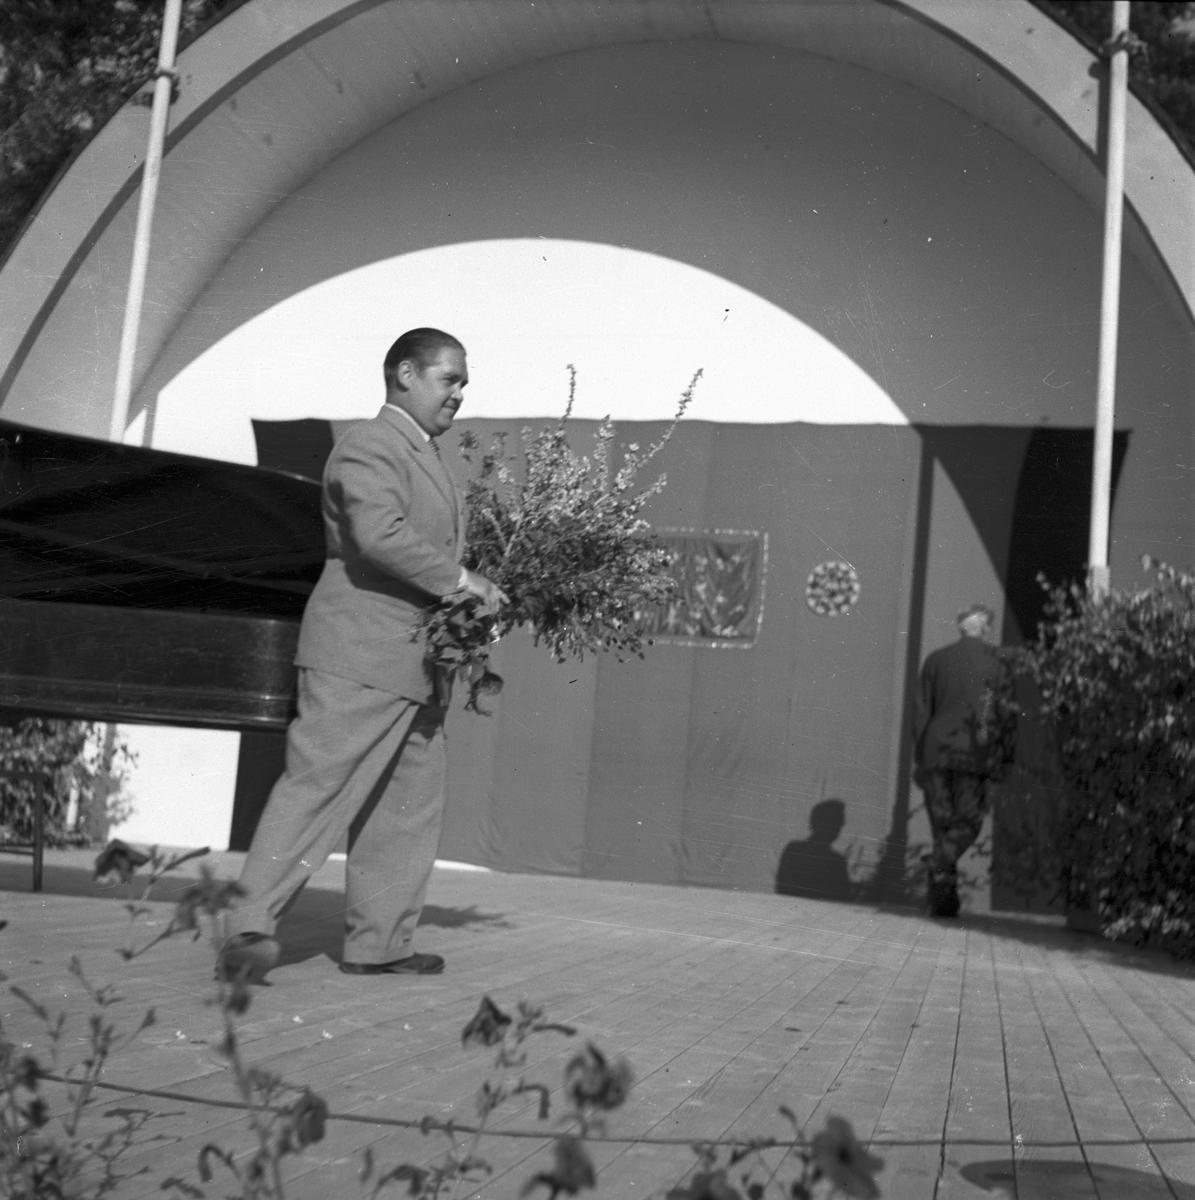 Operasångaren Jussi Björling uppträder i Furuvik. 1946.